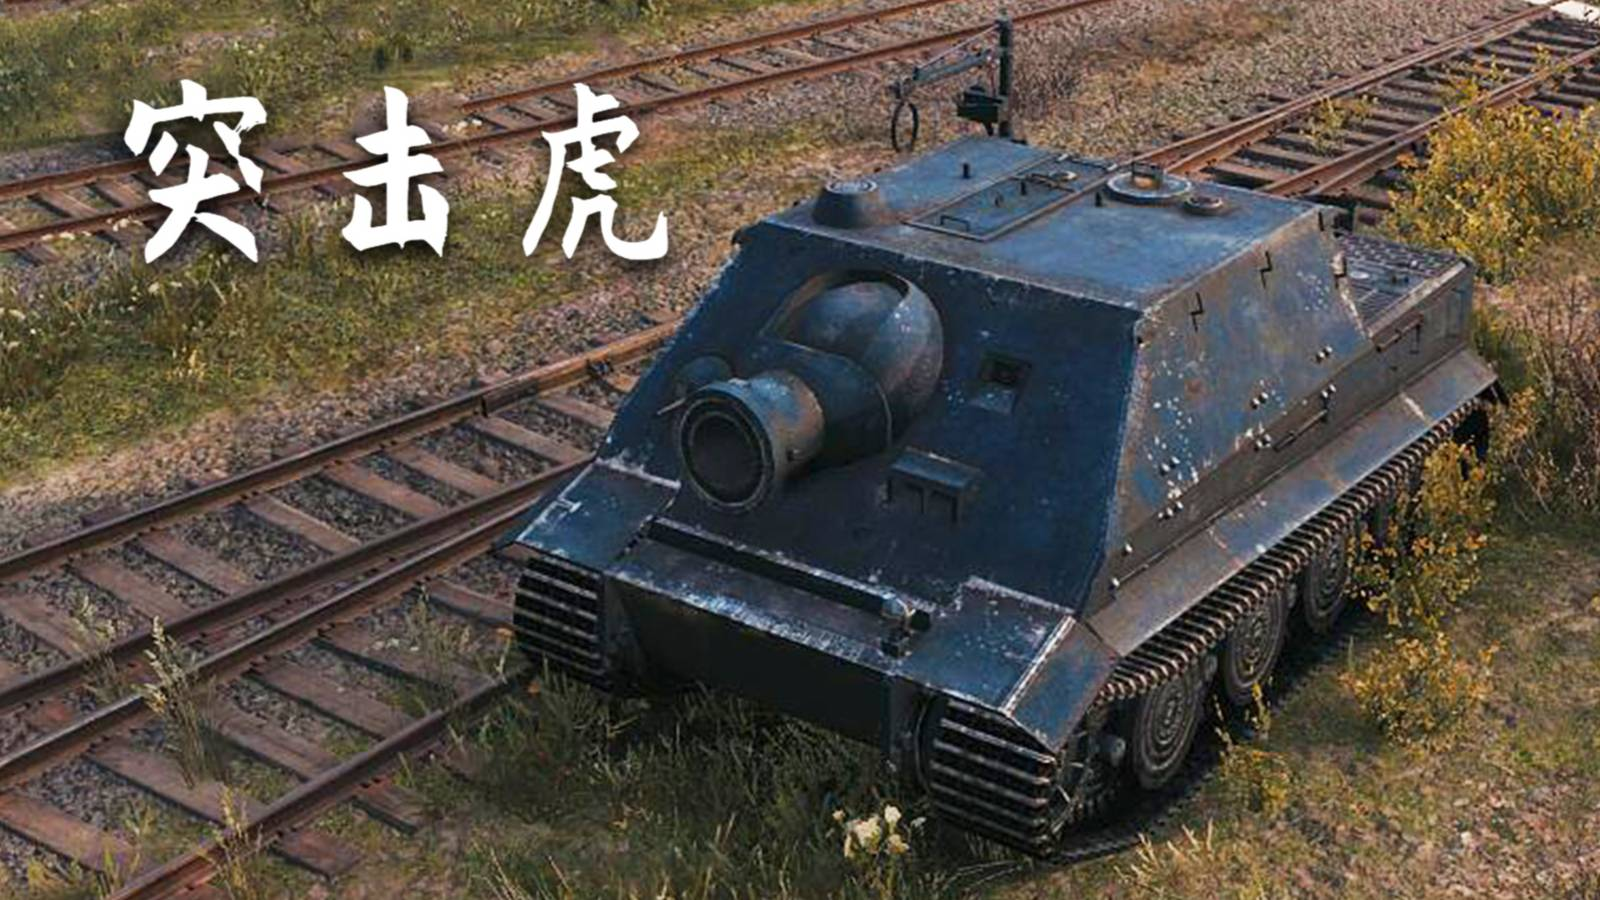 【坦克世界】突击虎:6杀 - 5.3万输出(1v4翻盘),法式移动,380mm的爱(安斯克)